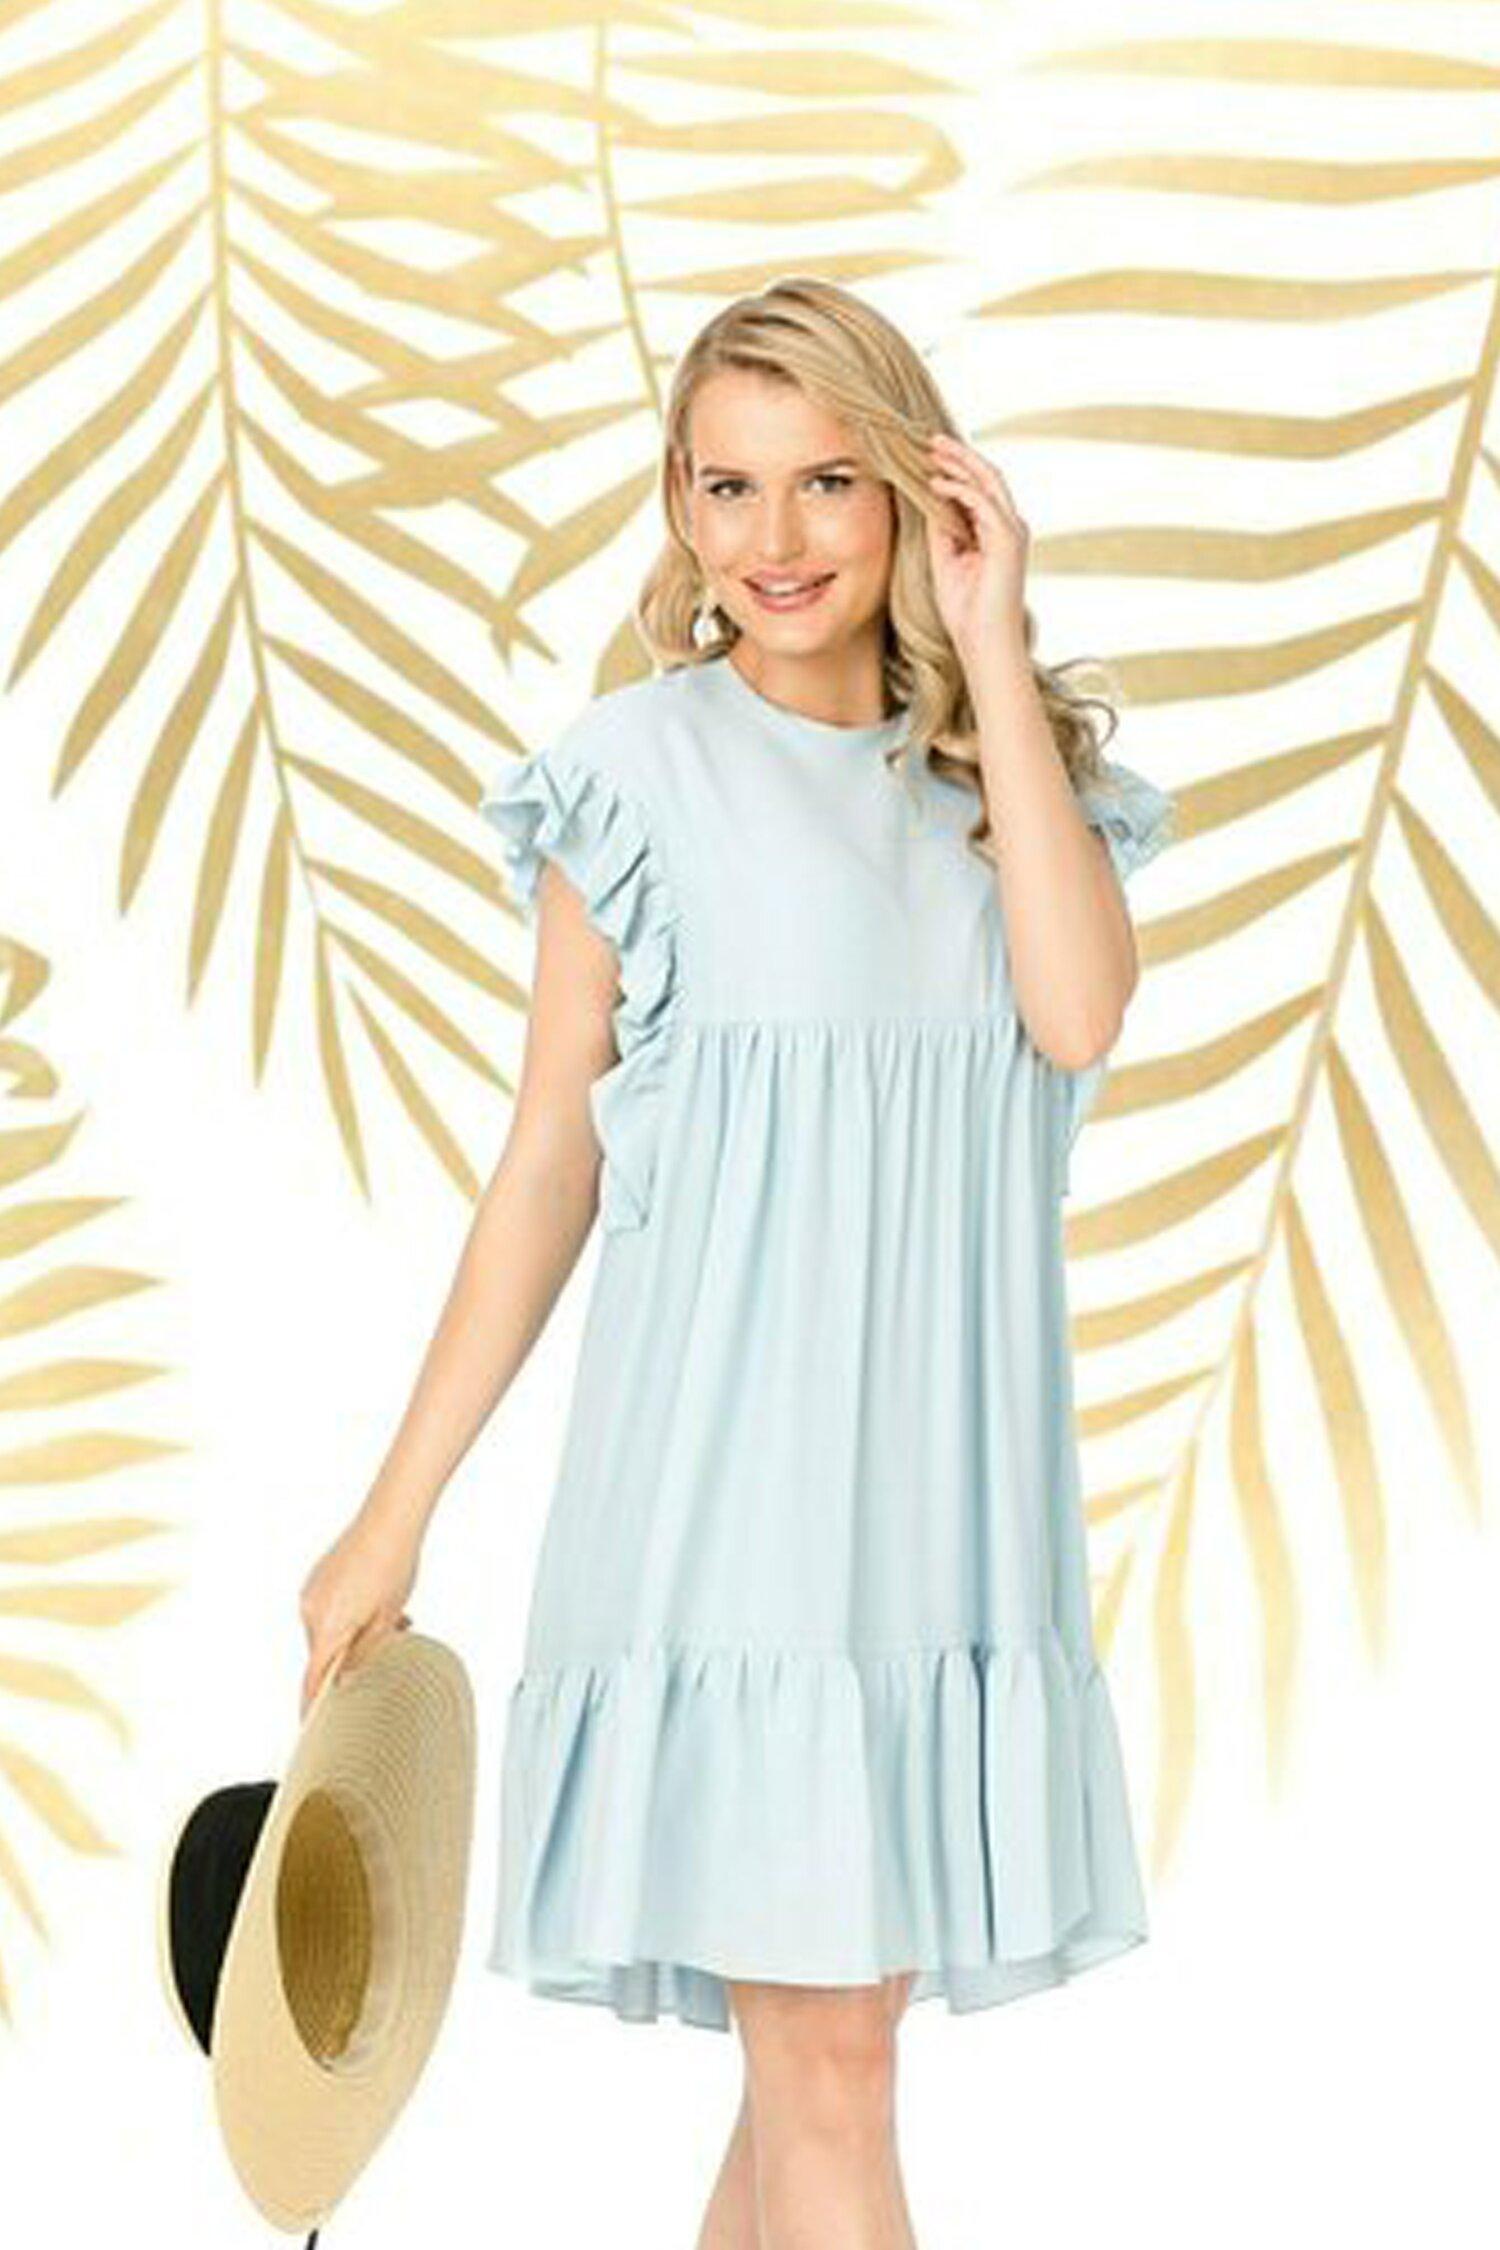 Rochie Pretty Girl bleu lejera de vara cu volane imagine